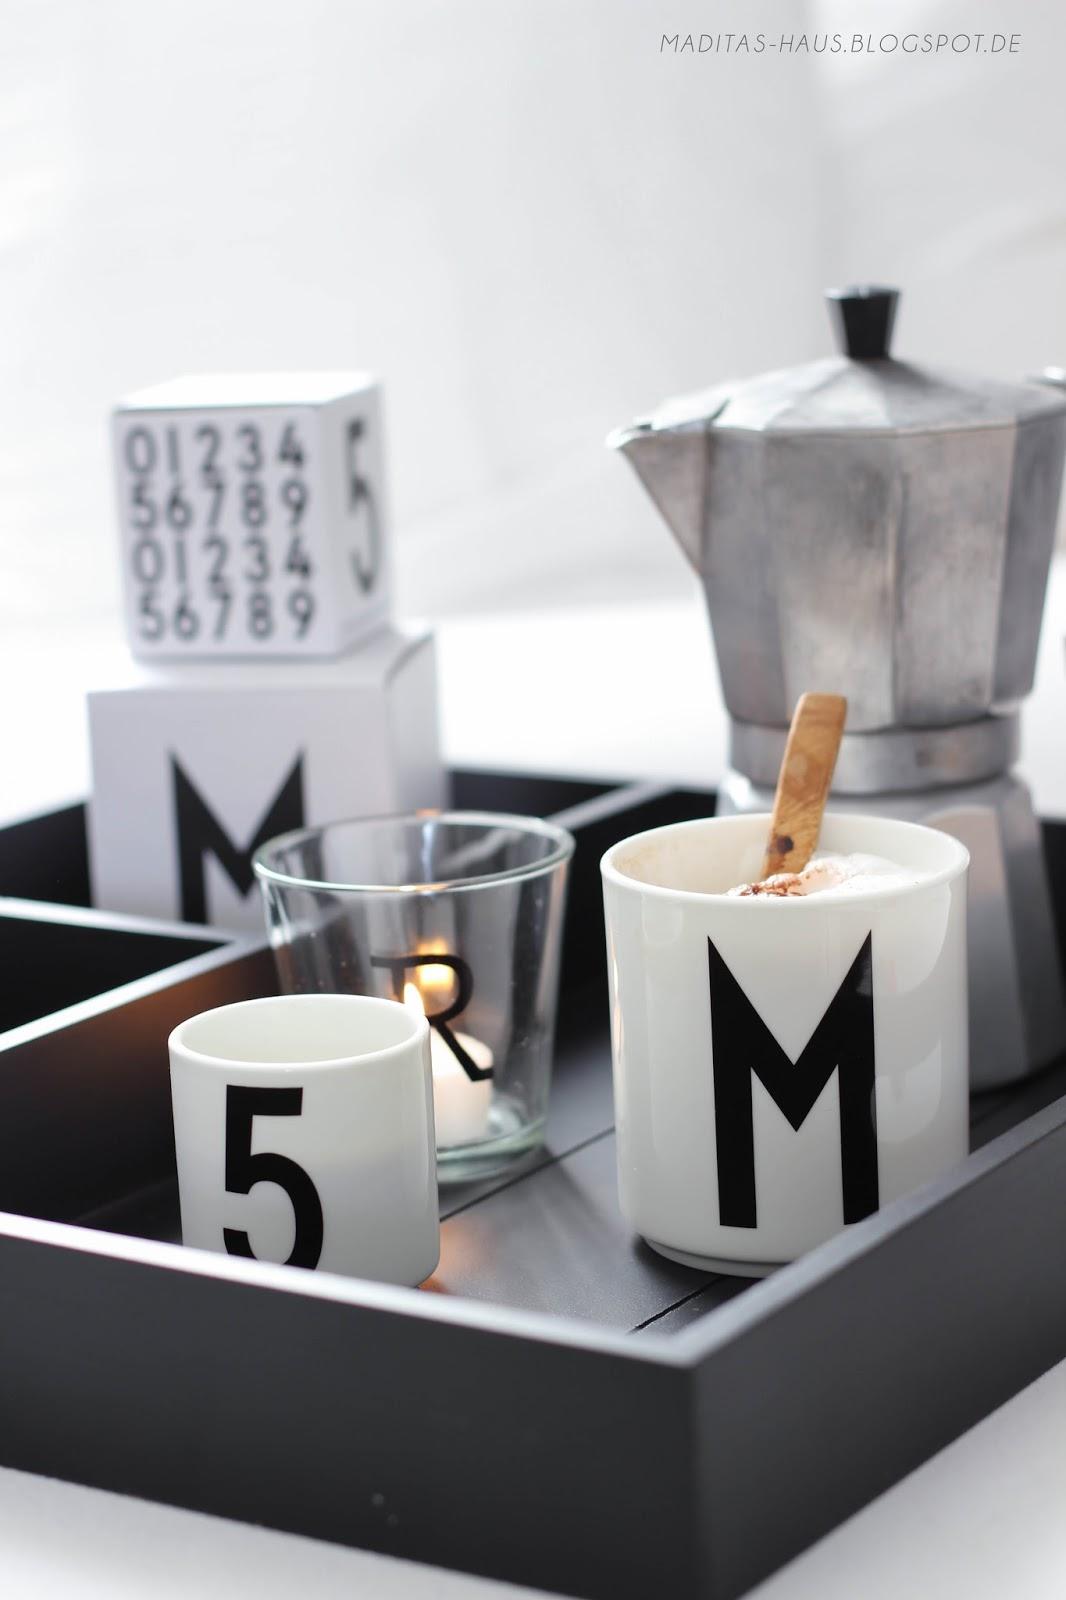 guter kaffee hat seinen preis tipps f r das kaffee erlebnis ohne vollautomaten maditas haus. Black Bedroom Furniture Sets. Home Design Ideas